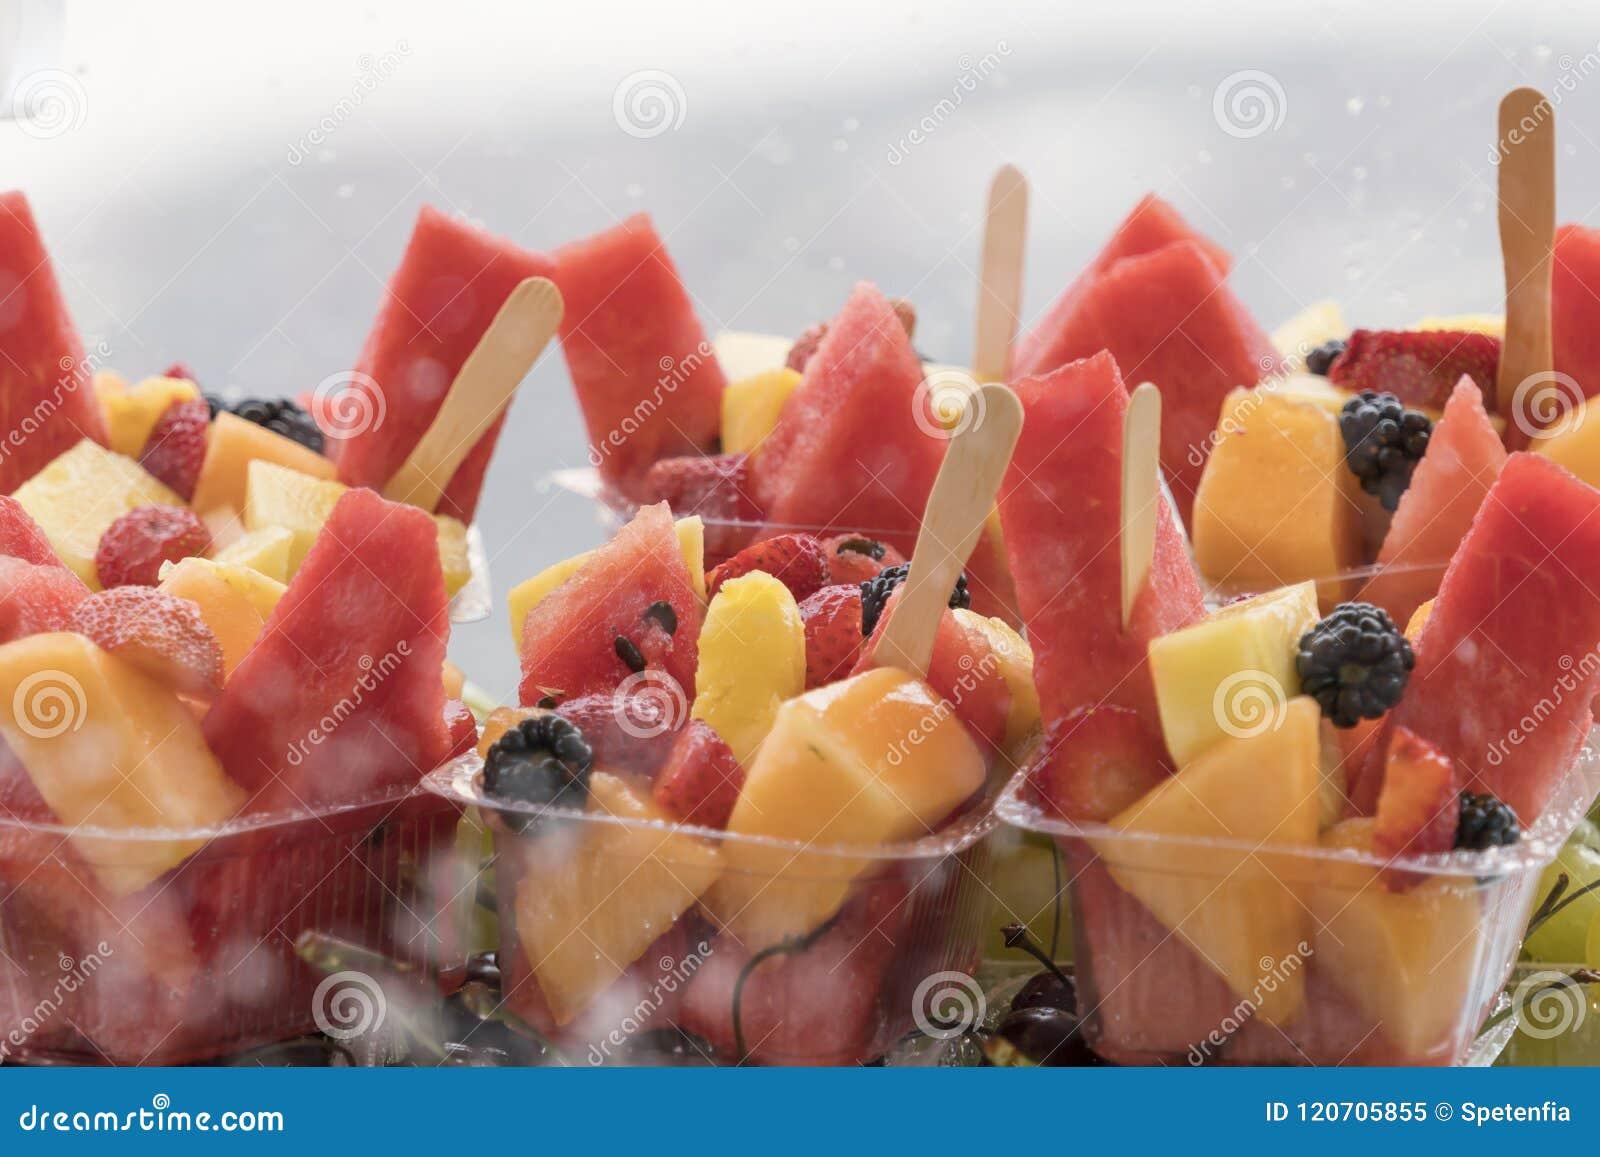 Fruta dulce y fresca